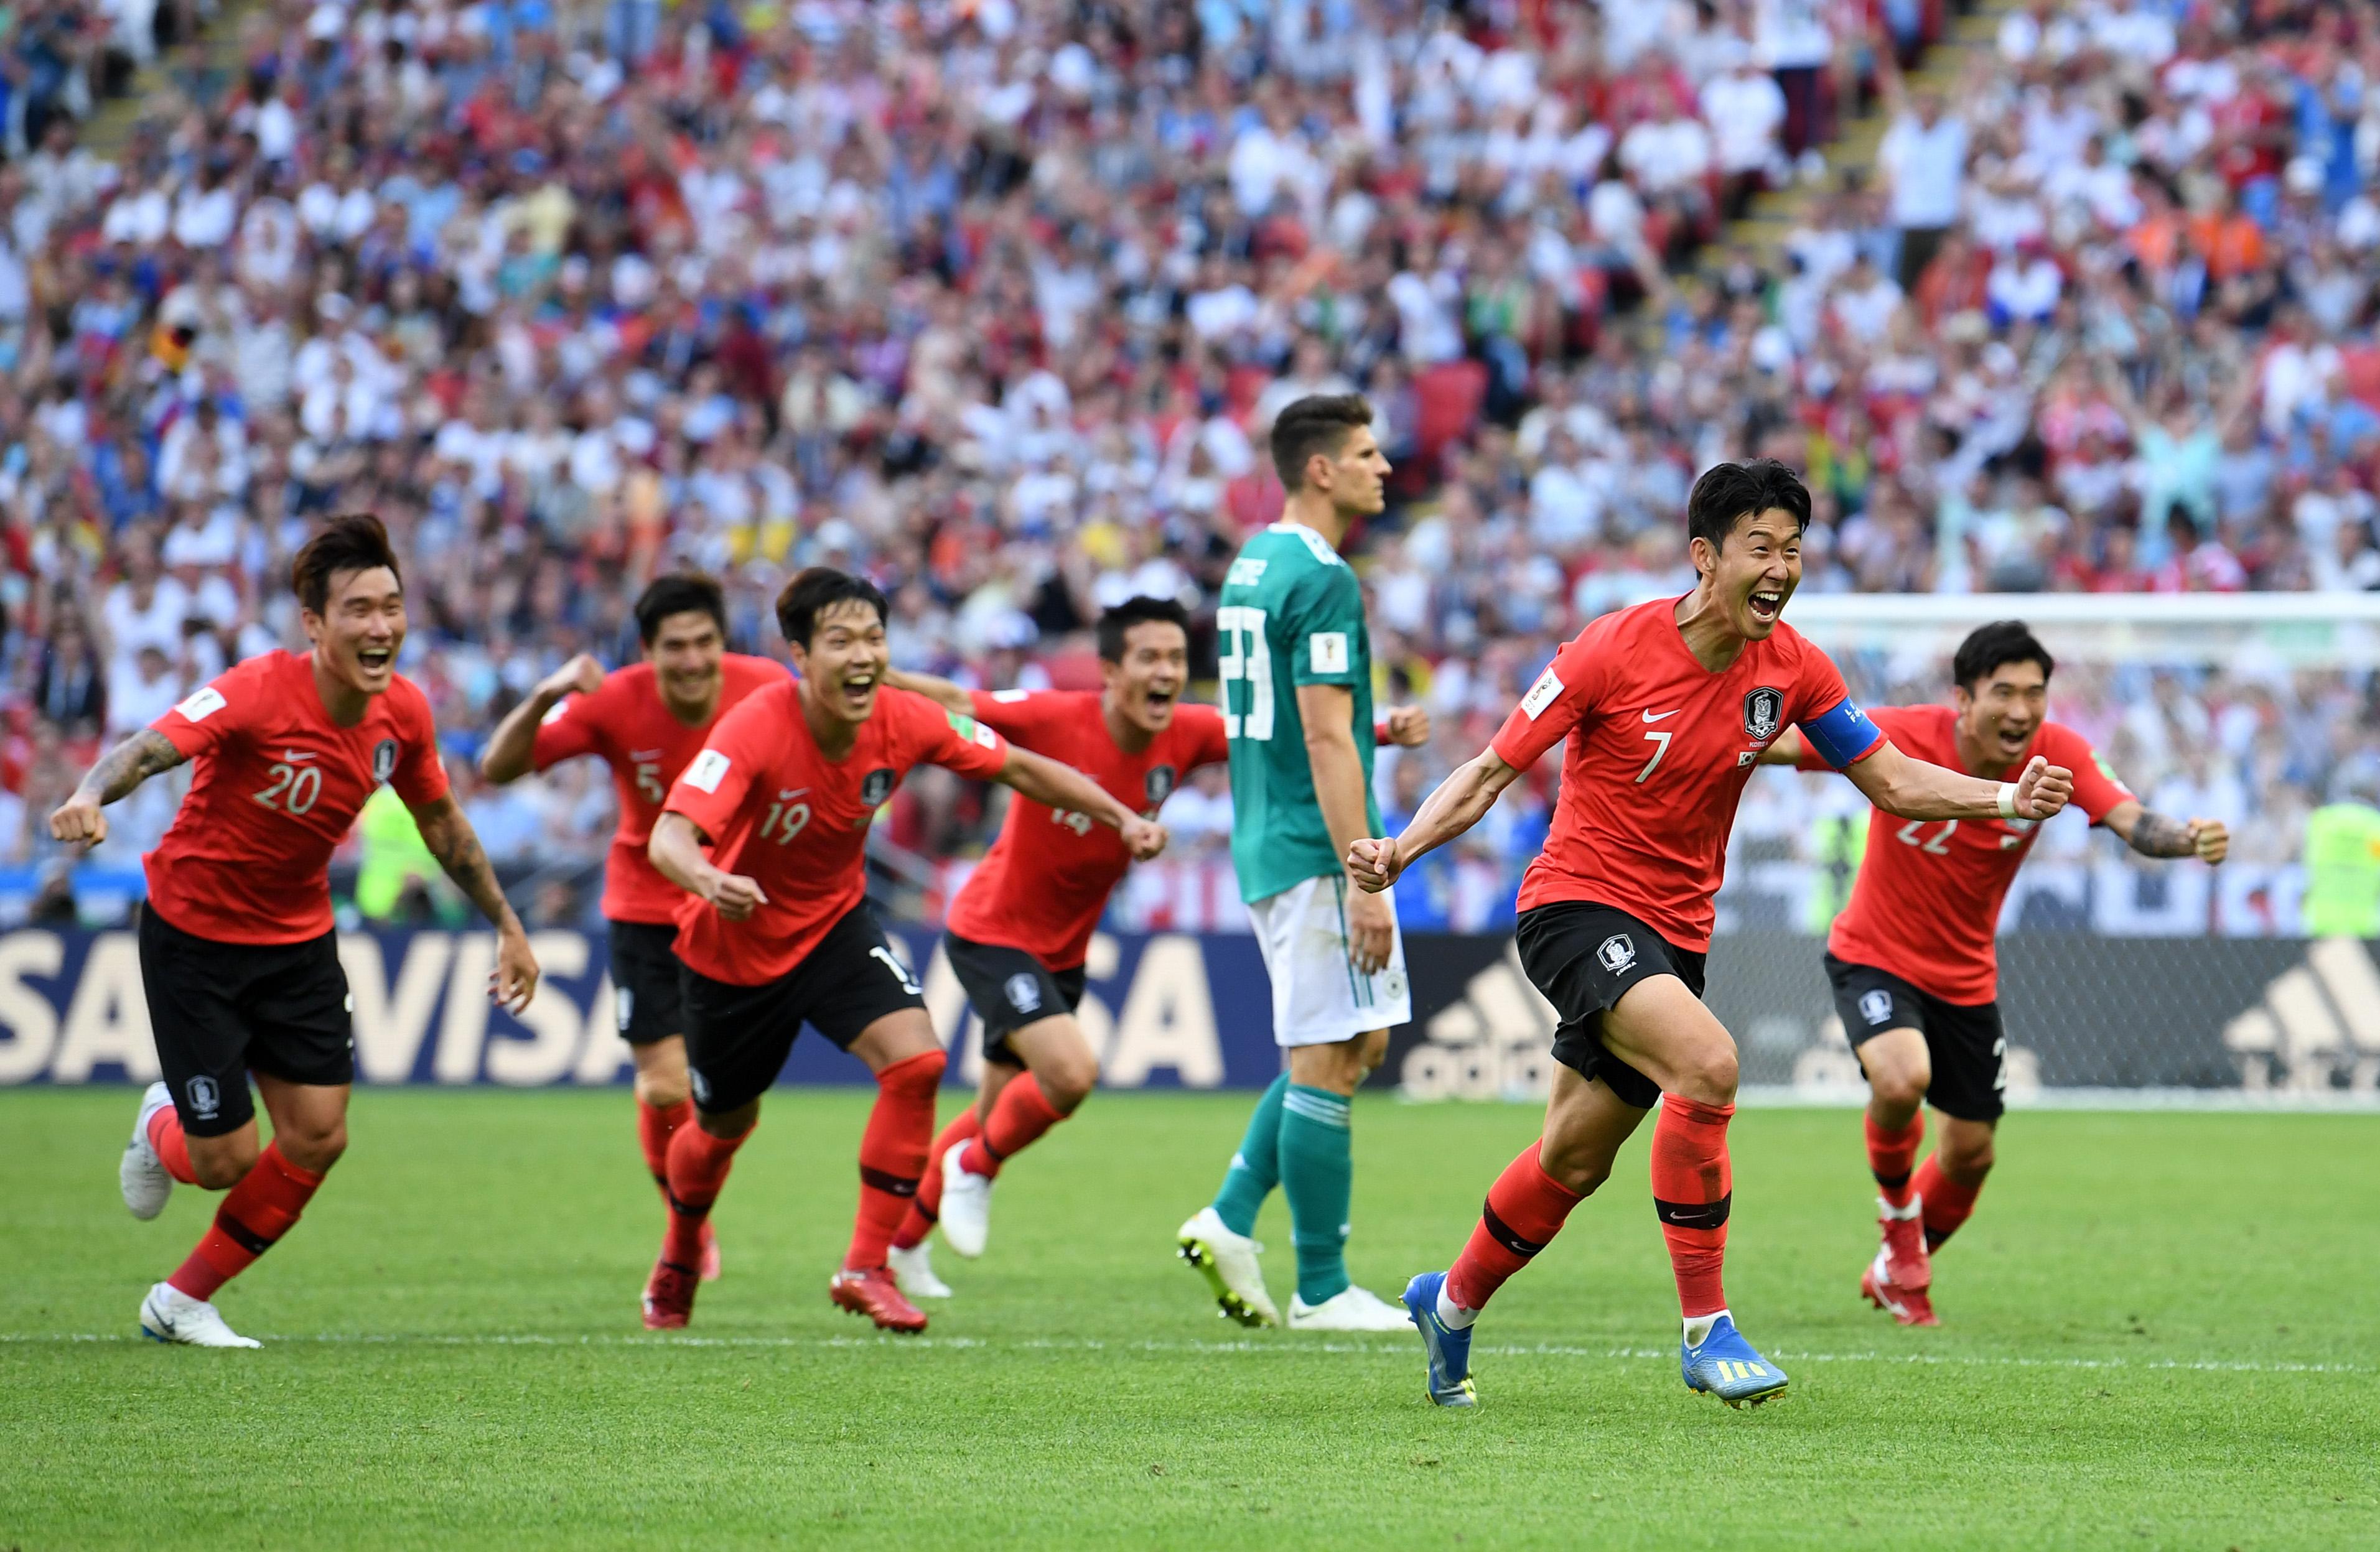 아쉬움과 기쁨의 눈물 - 2018러시아 월드컵 관전평